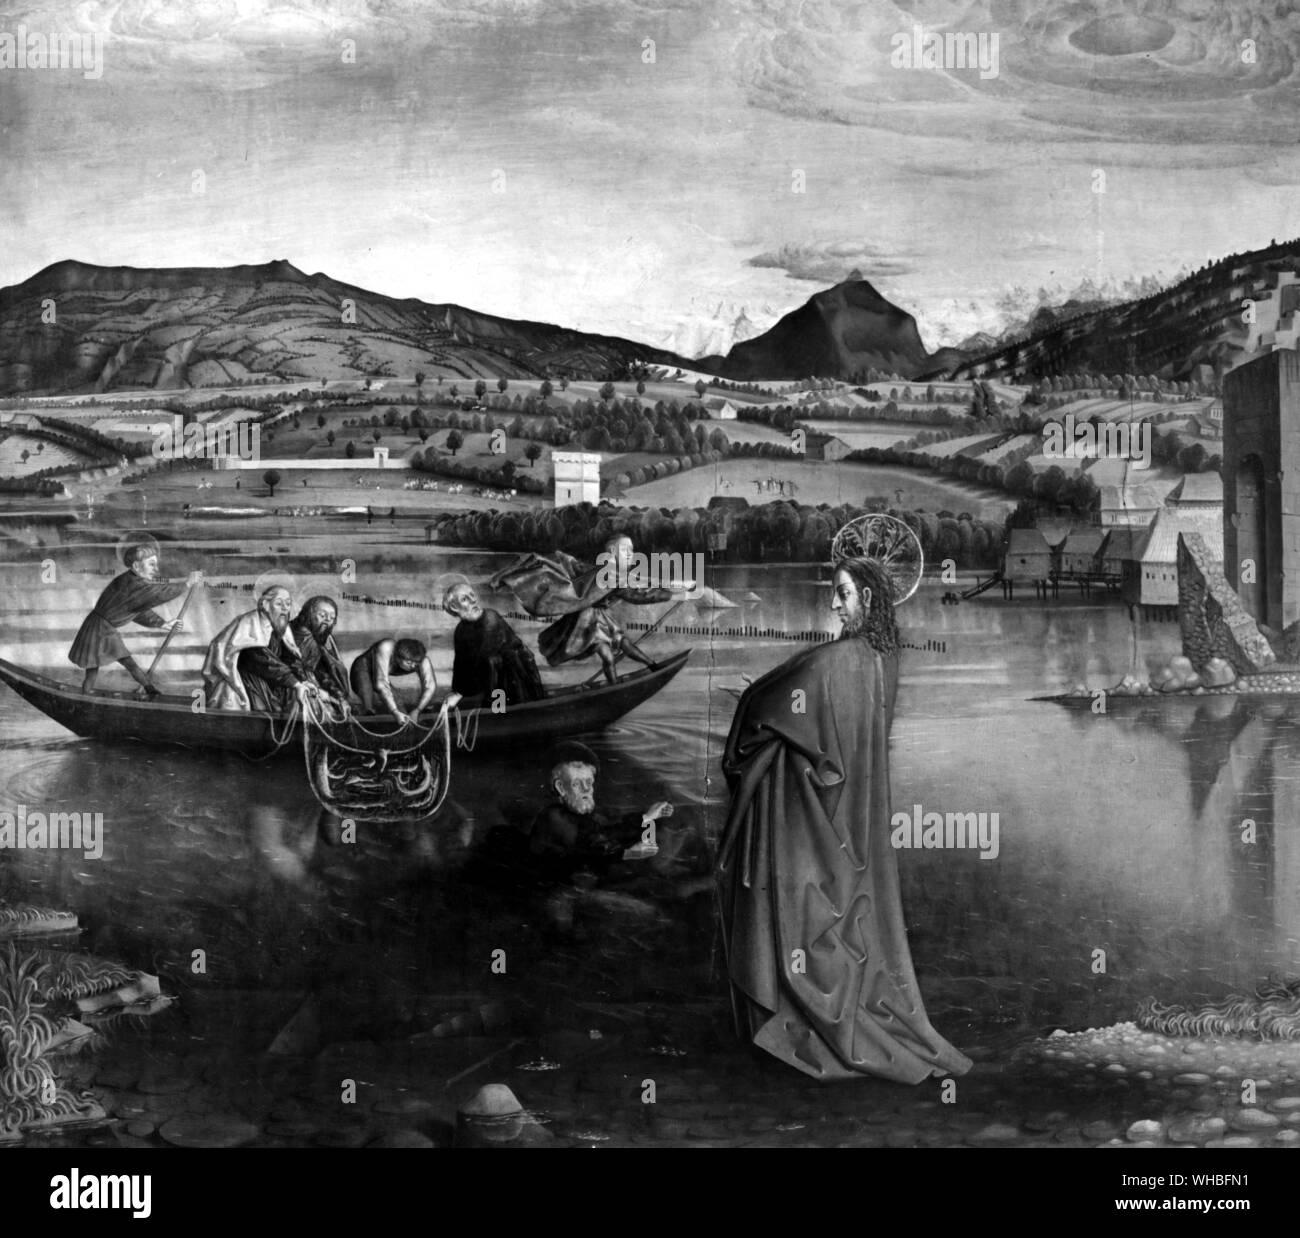 El milagroso Proyecto de peces (detalle) por Konrad Witz (1400/10-44/6) S. Alemania 1444 - desde el retablo del Cardenal Francois de mies - en el Musée d'Art et d'Histoire, Ginebra, Suiza. Foto de stock